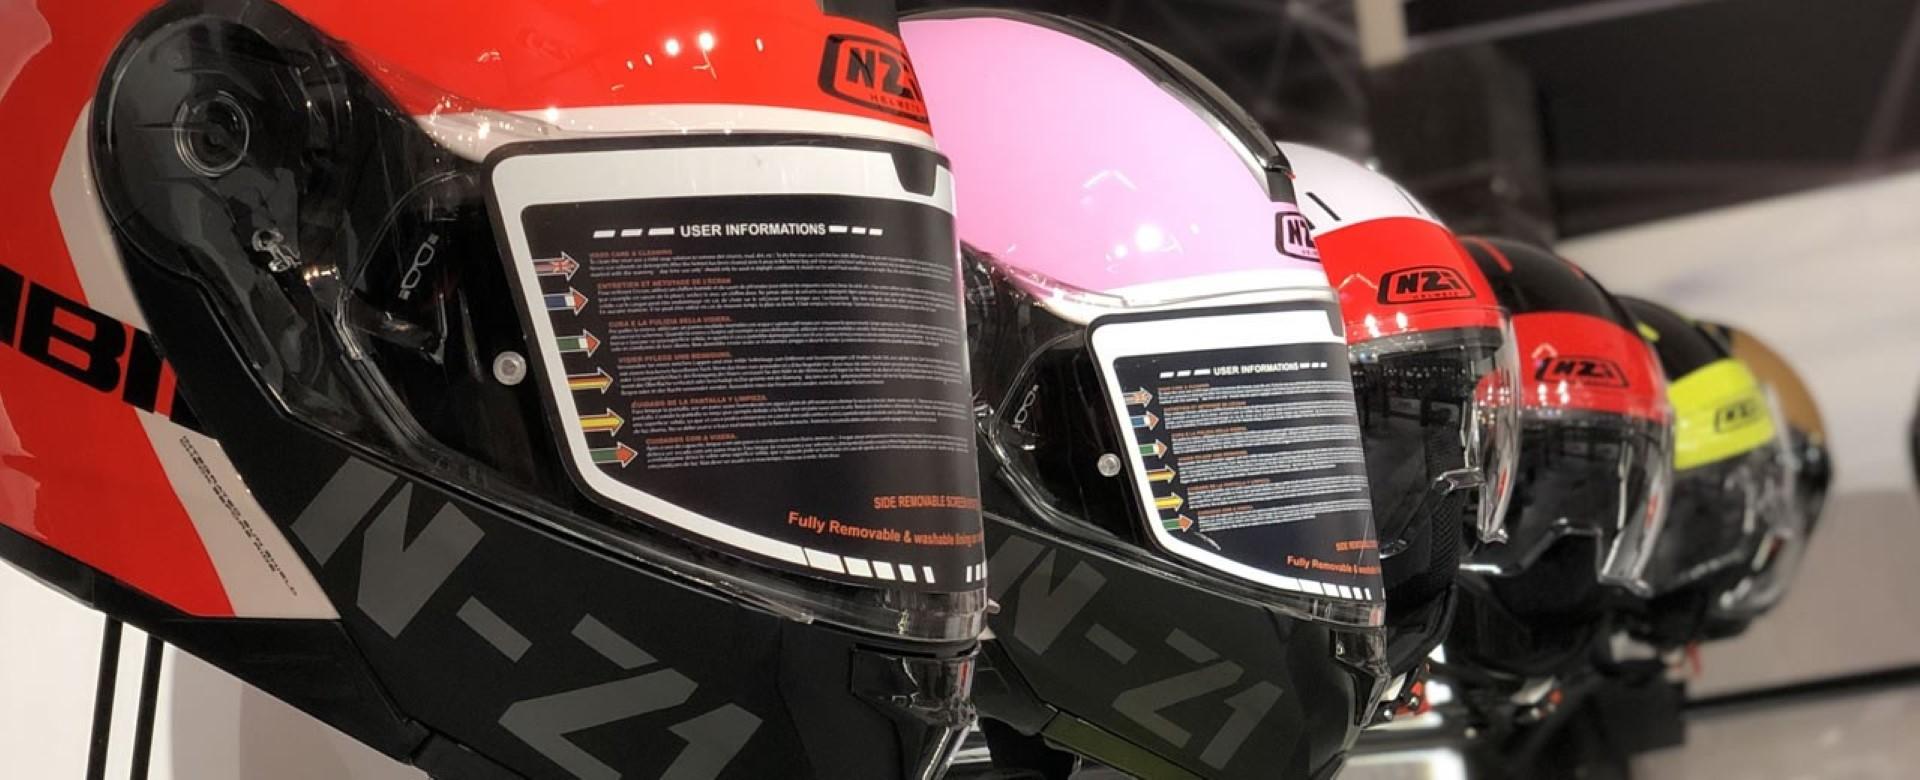 NZI presenta los cascos más personalizados